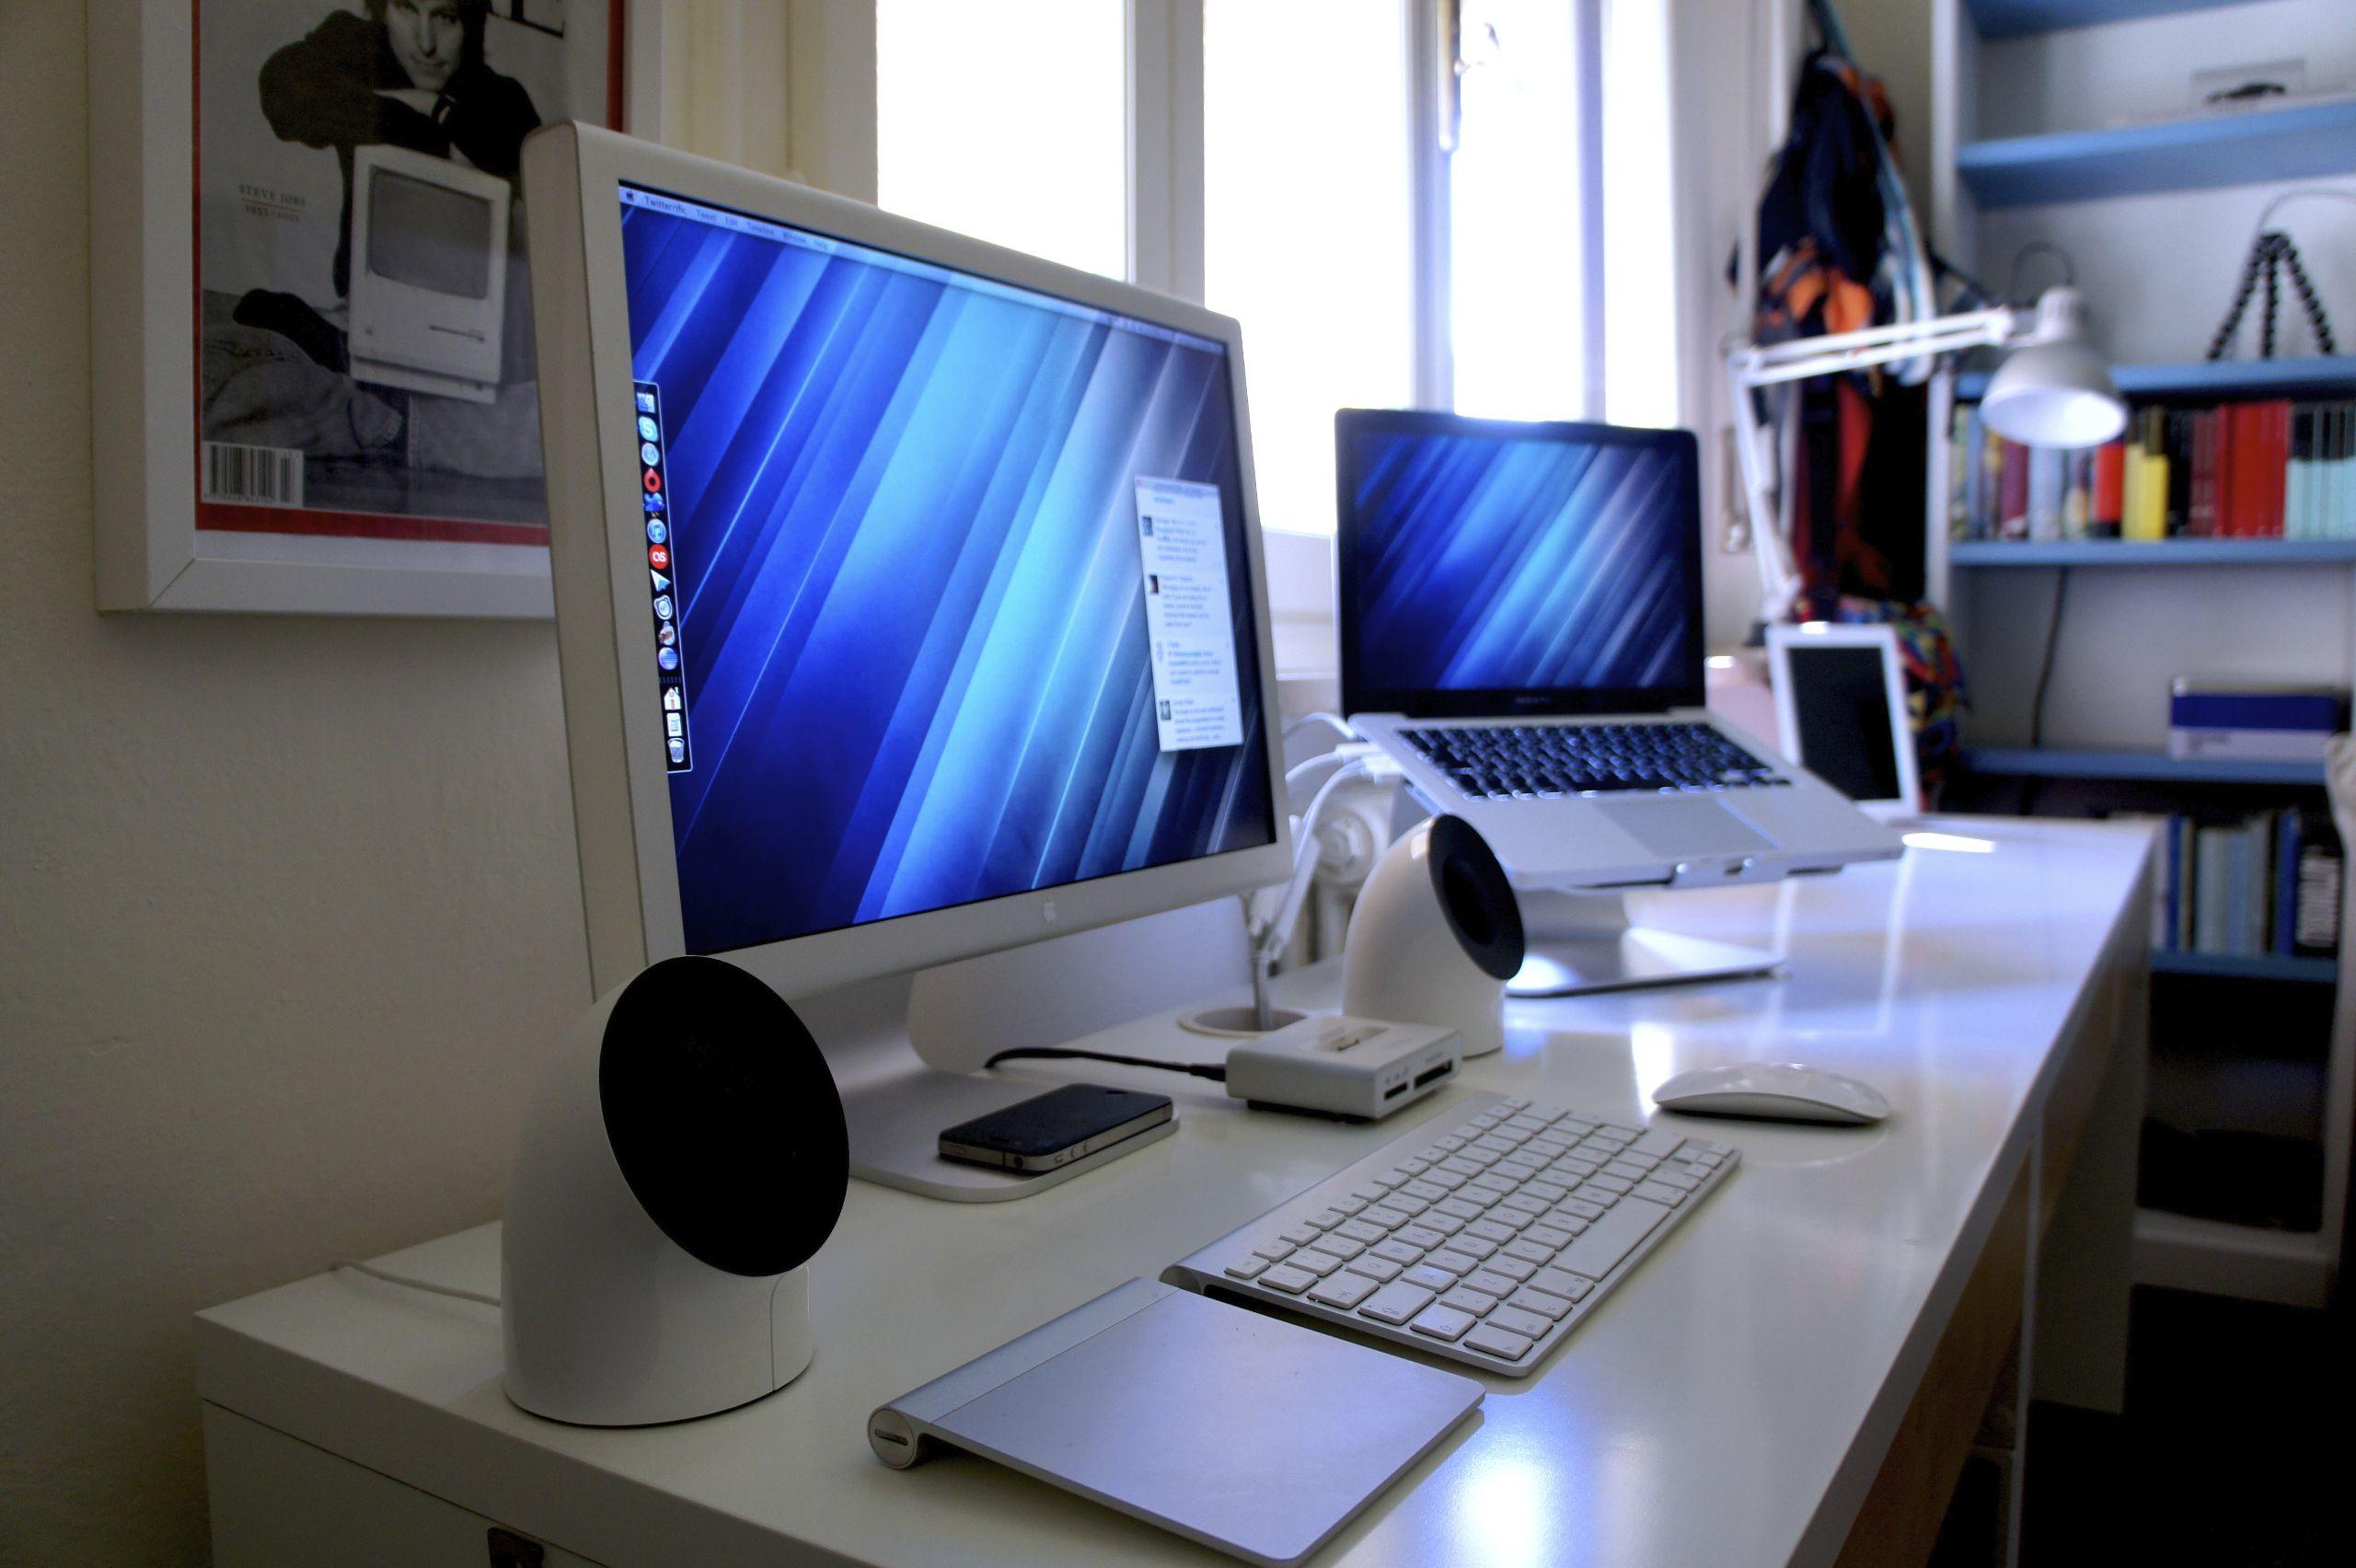 stylish office desk setup. Snazzy Dual Screen Laptop Setup. Mac DeskDesk SetupComputer SetupStylish OfficeWhite Stylish Office Desk Setup L